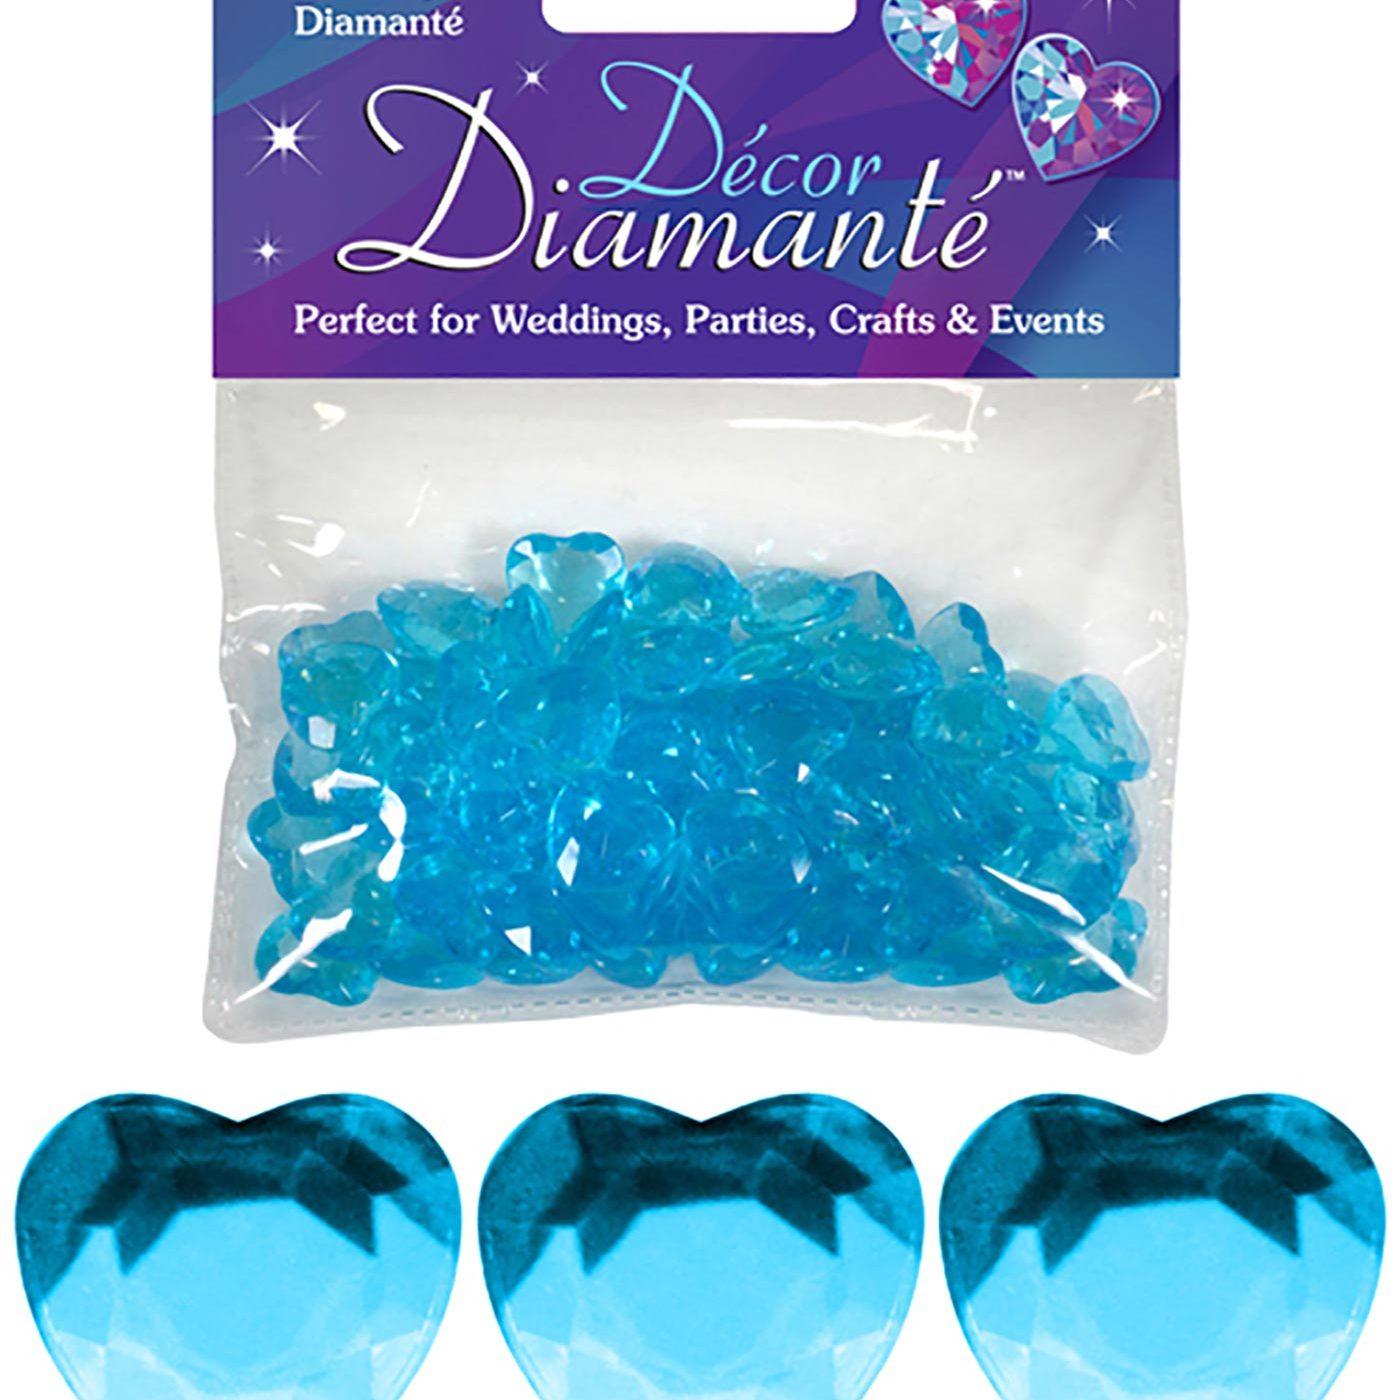 12mm Décor Diamante Double Faced Heart 28g No.25 Pearl Blue